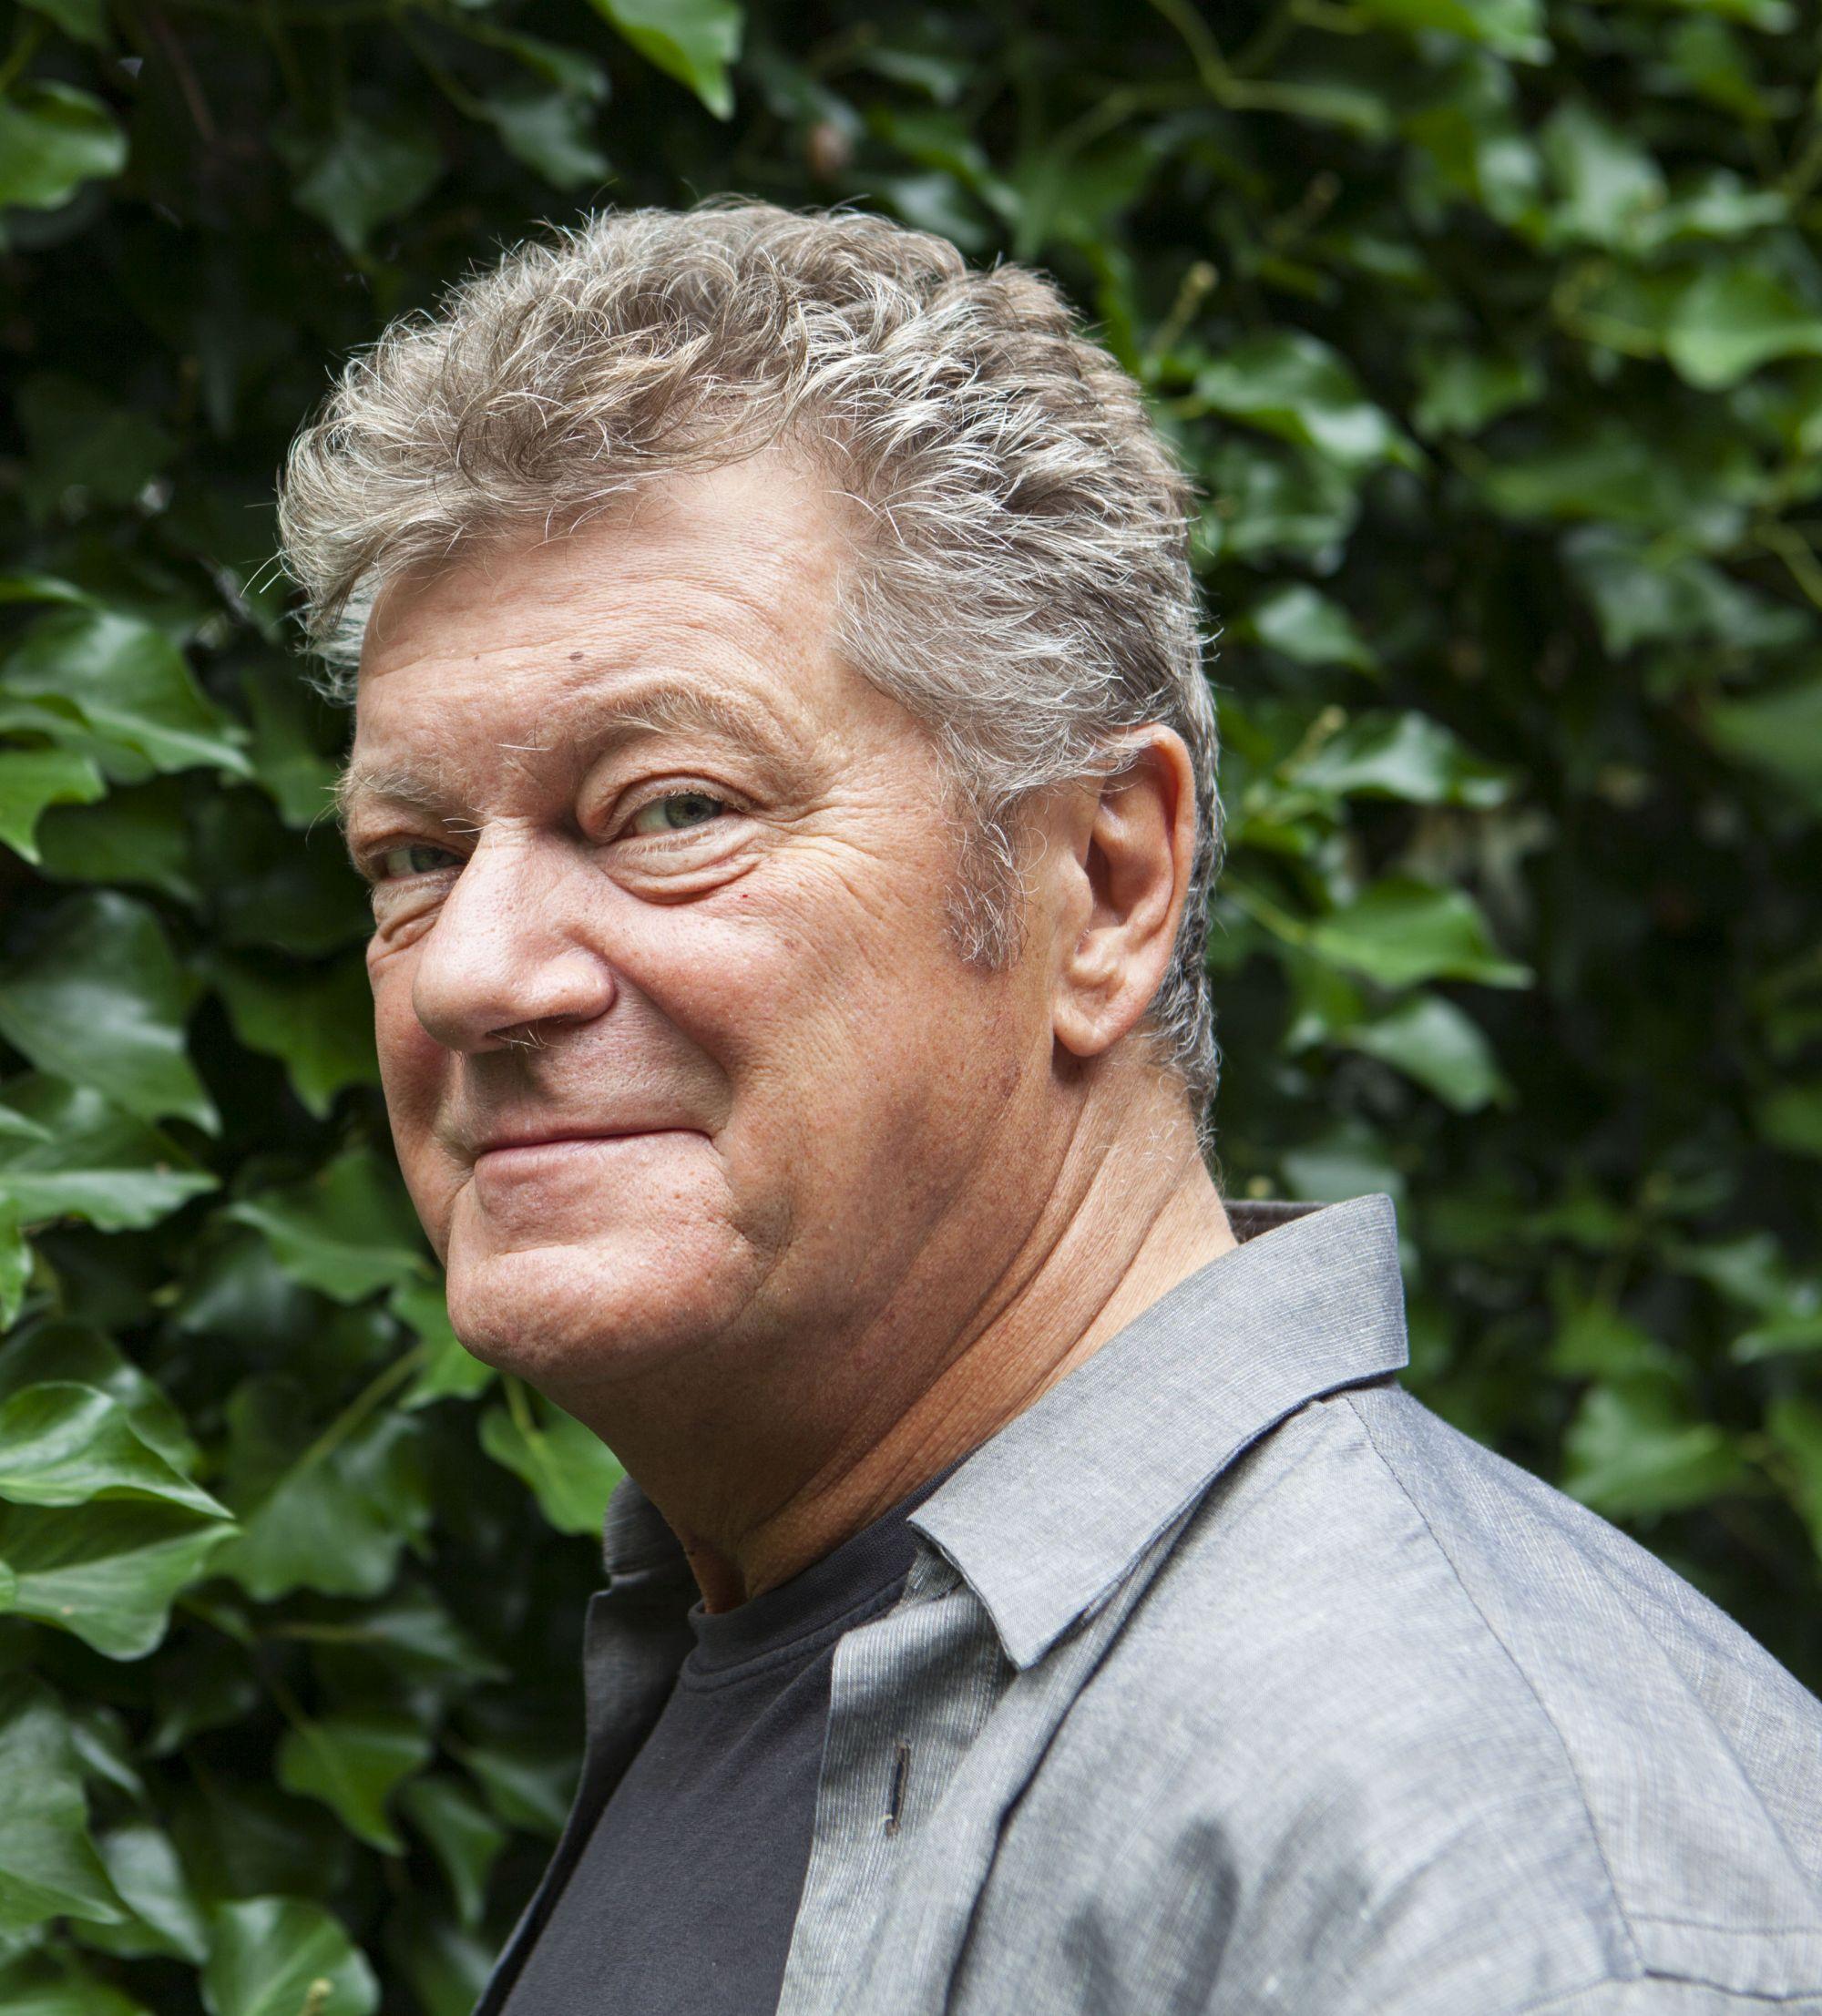 Gerald Wesolowski